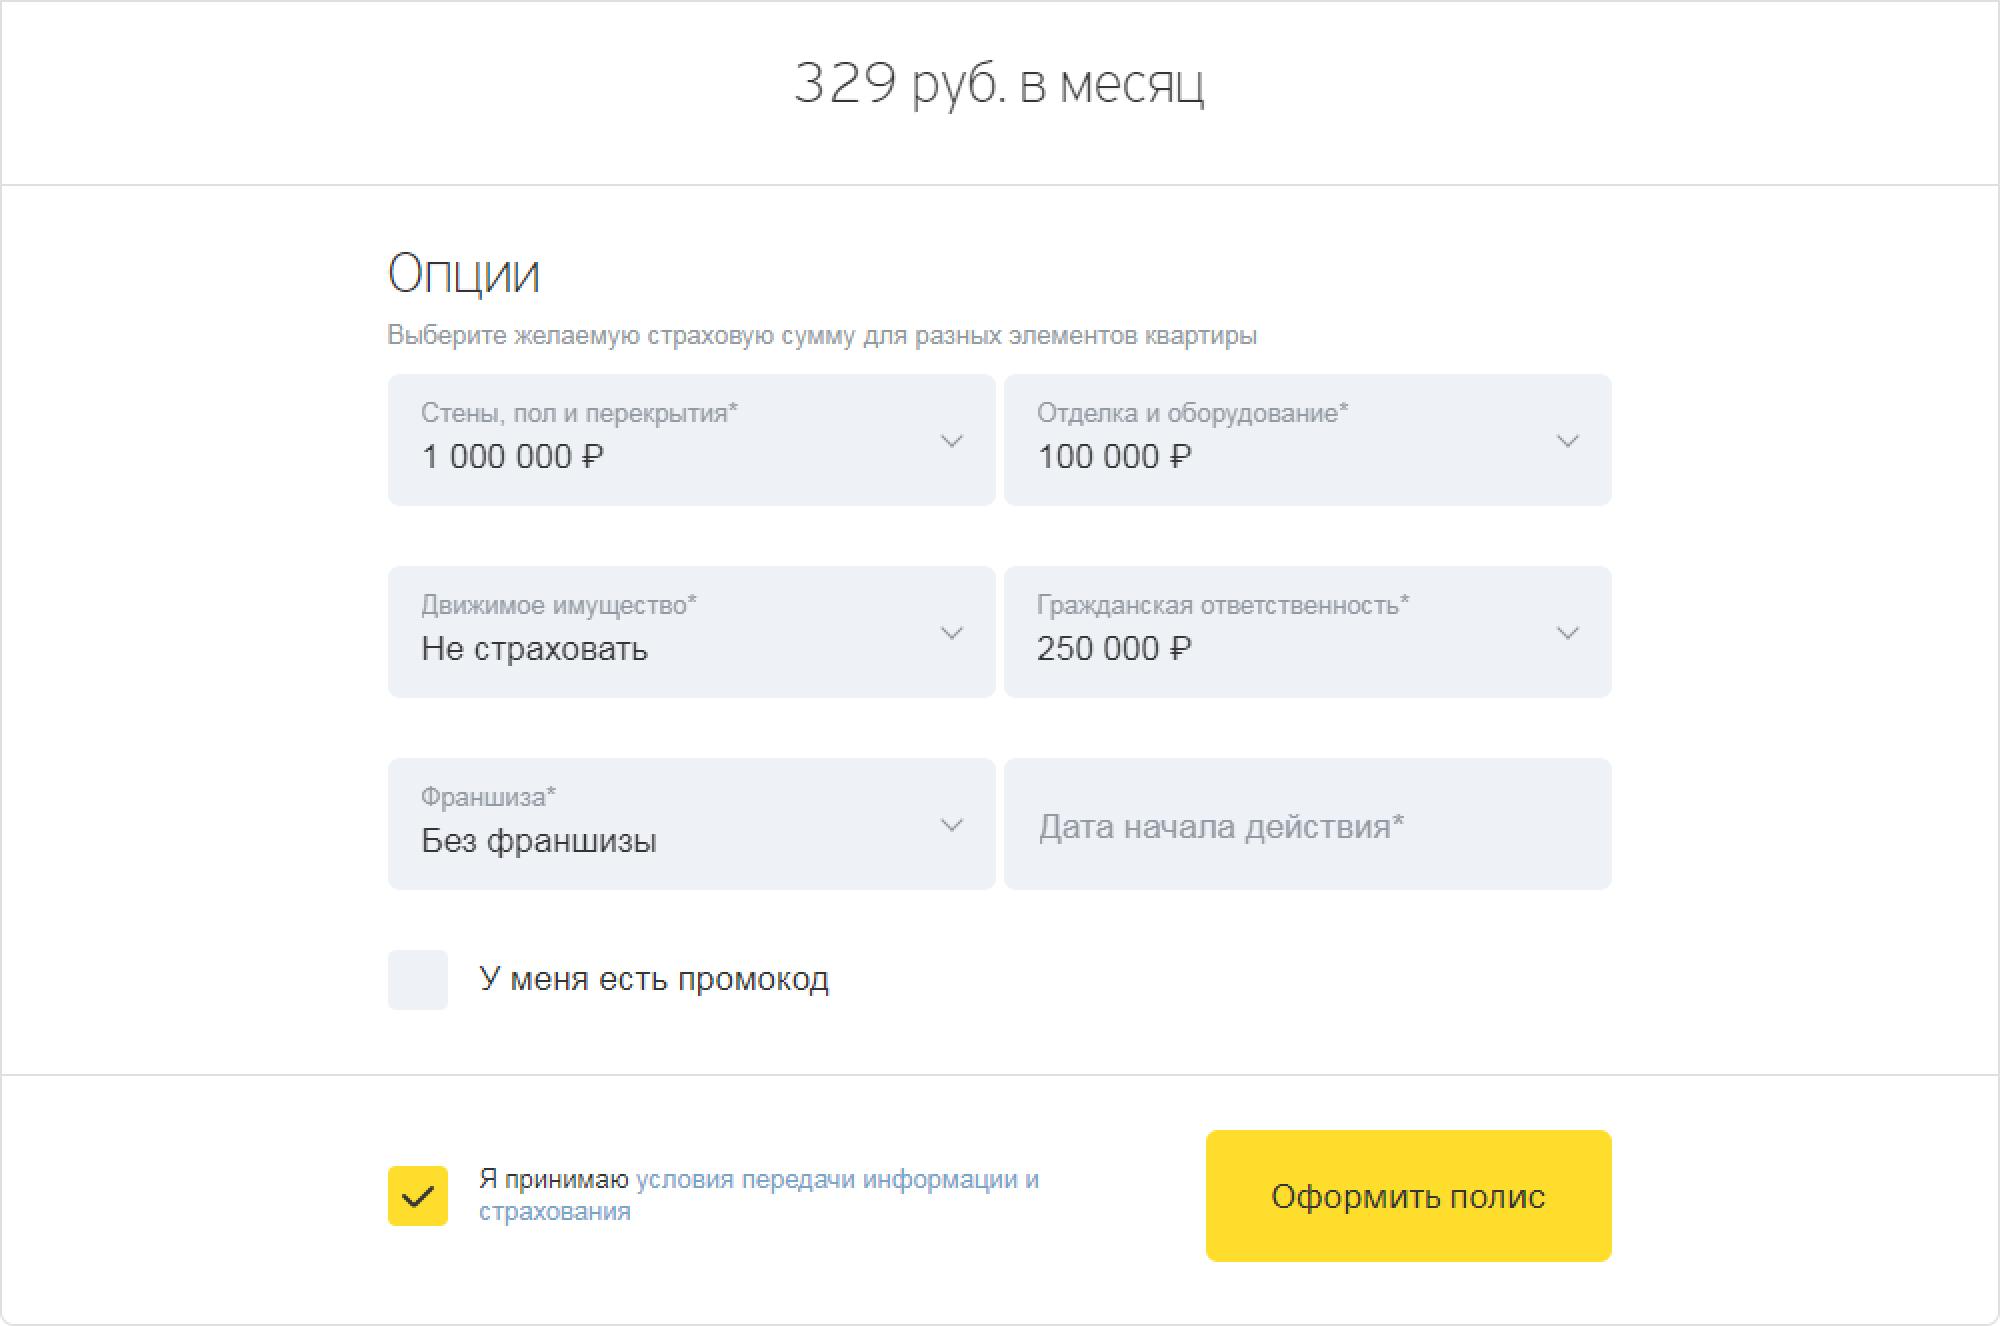 Месячная стоимость страховки квартиры на сайте Тинькофф-страхования